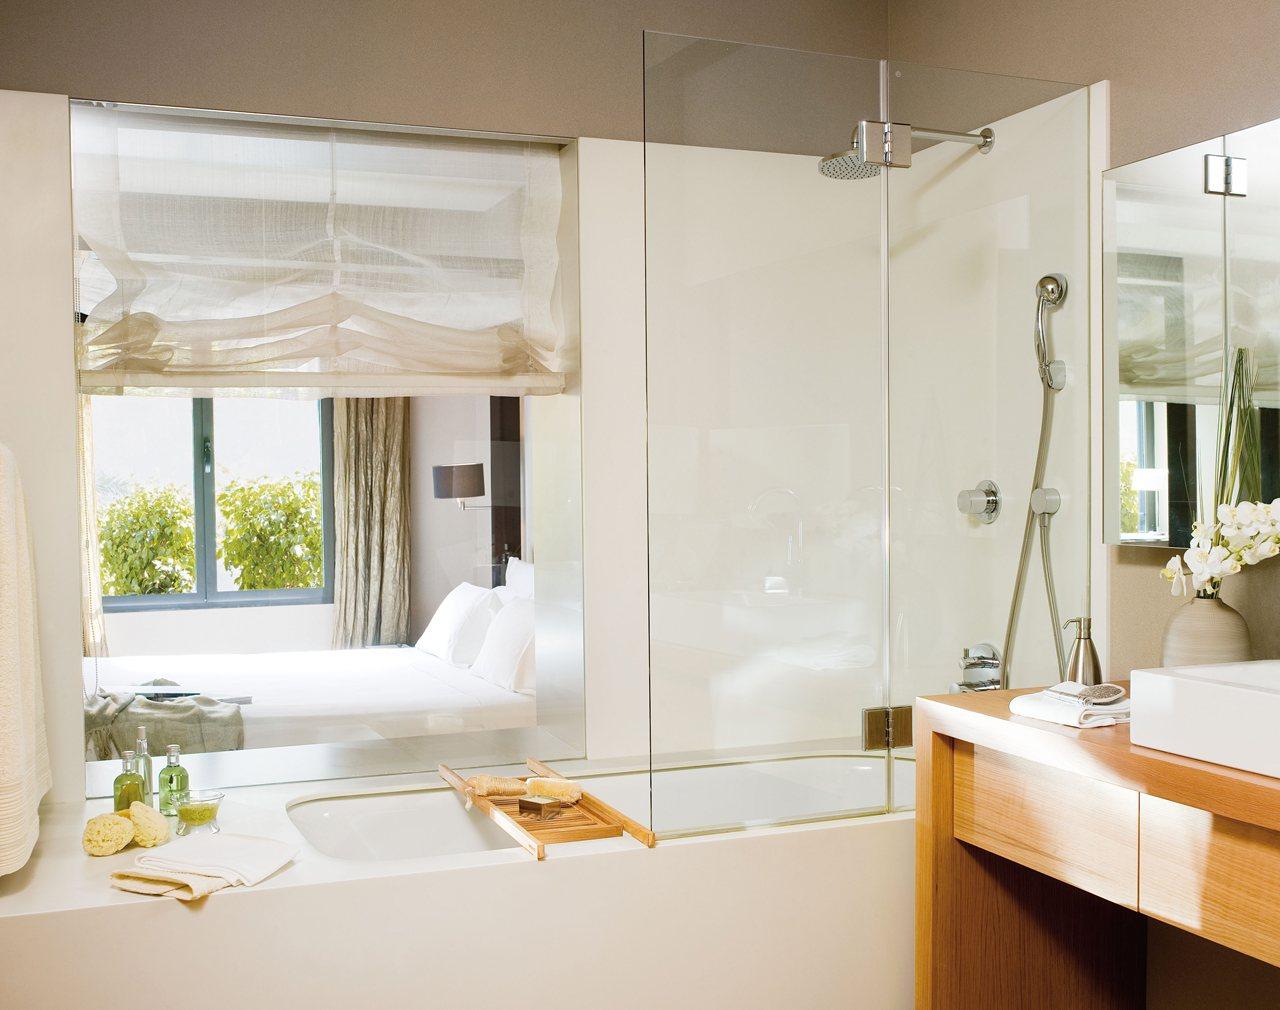 Renovar Baño Con Microcemento:Baño: actualízalo sin gastar mucho